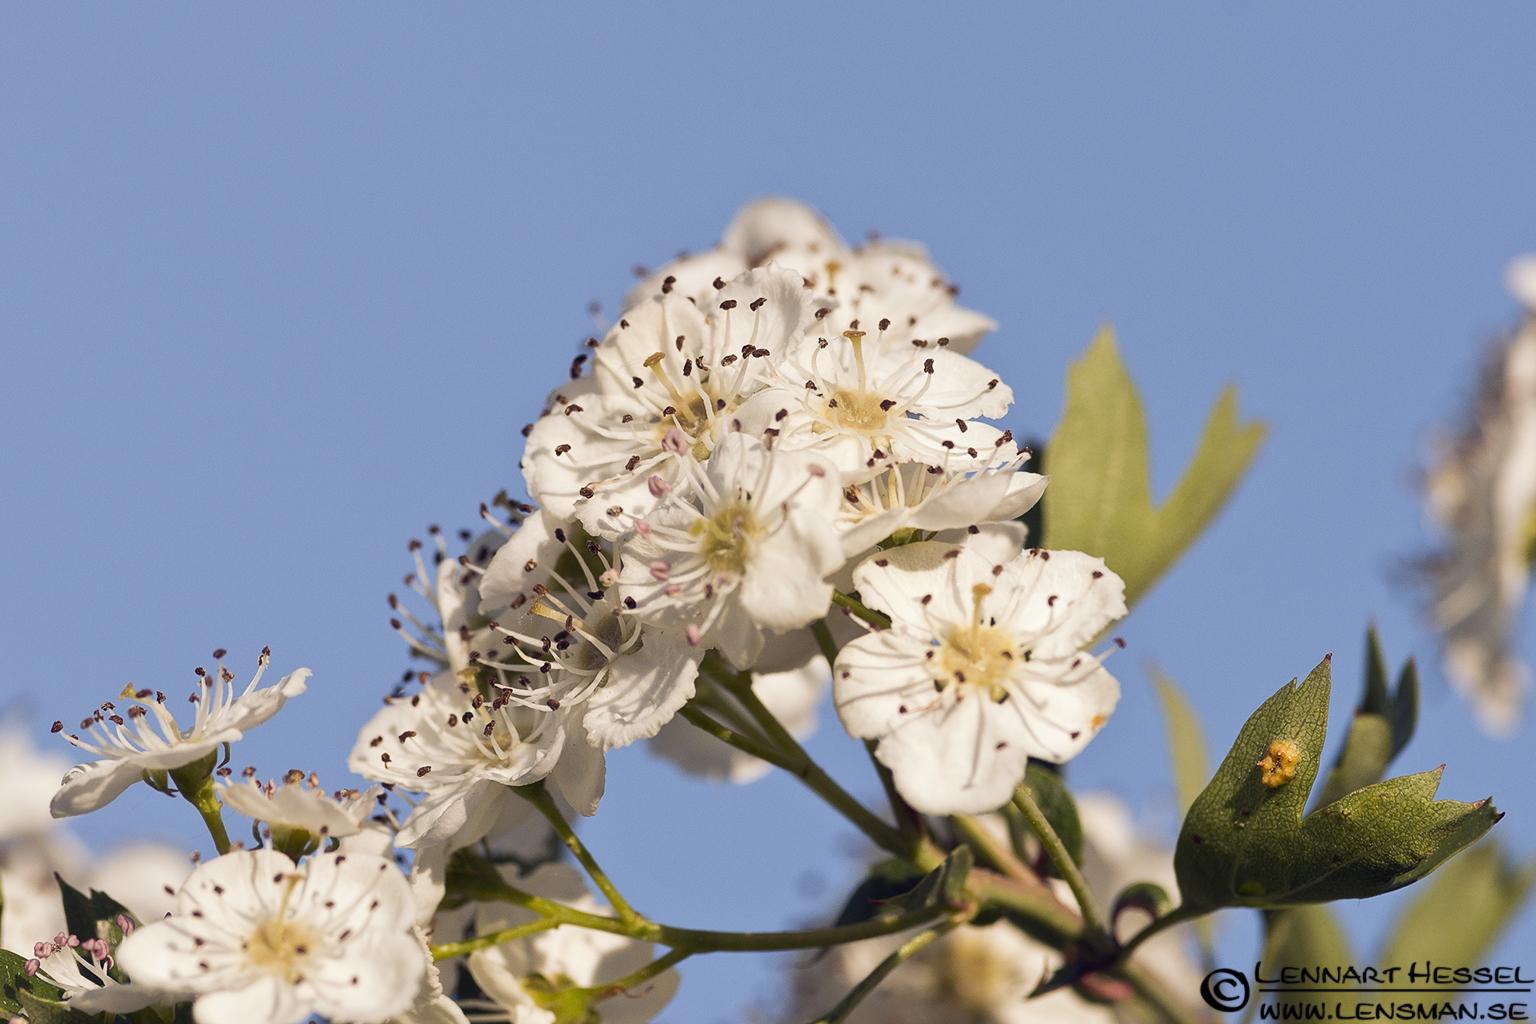 Blossom at Säveån, Gothenburg